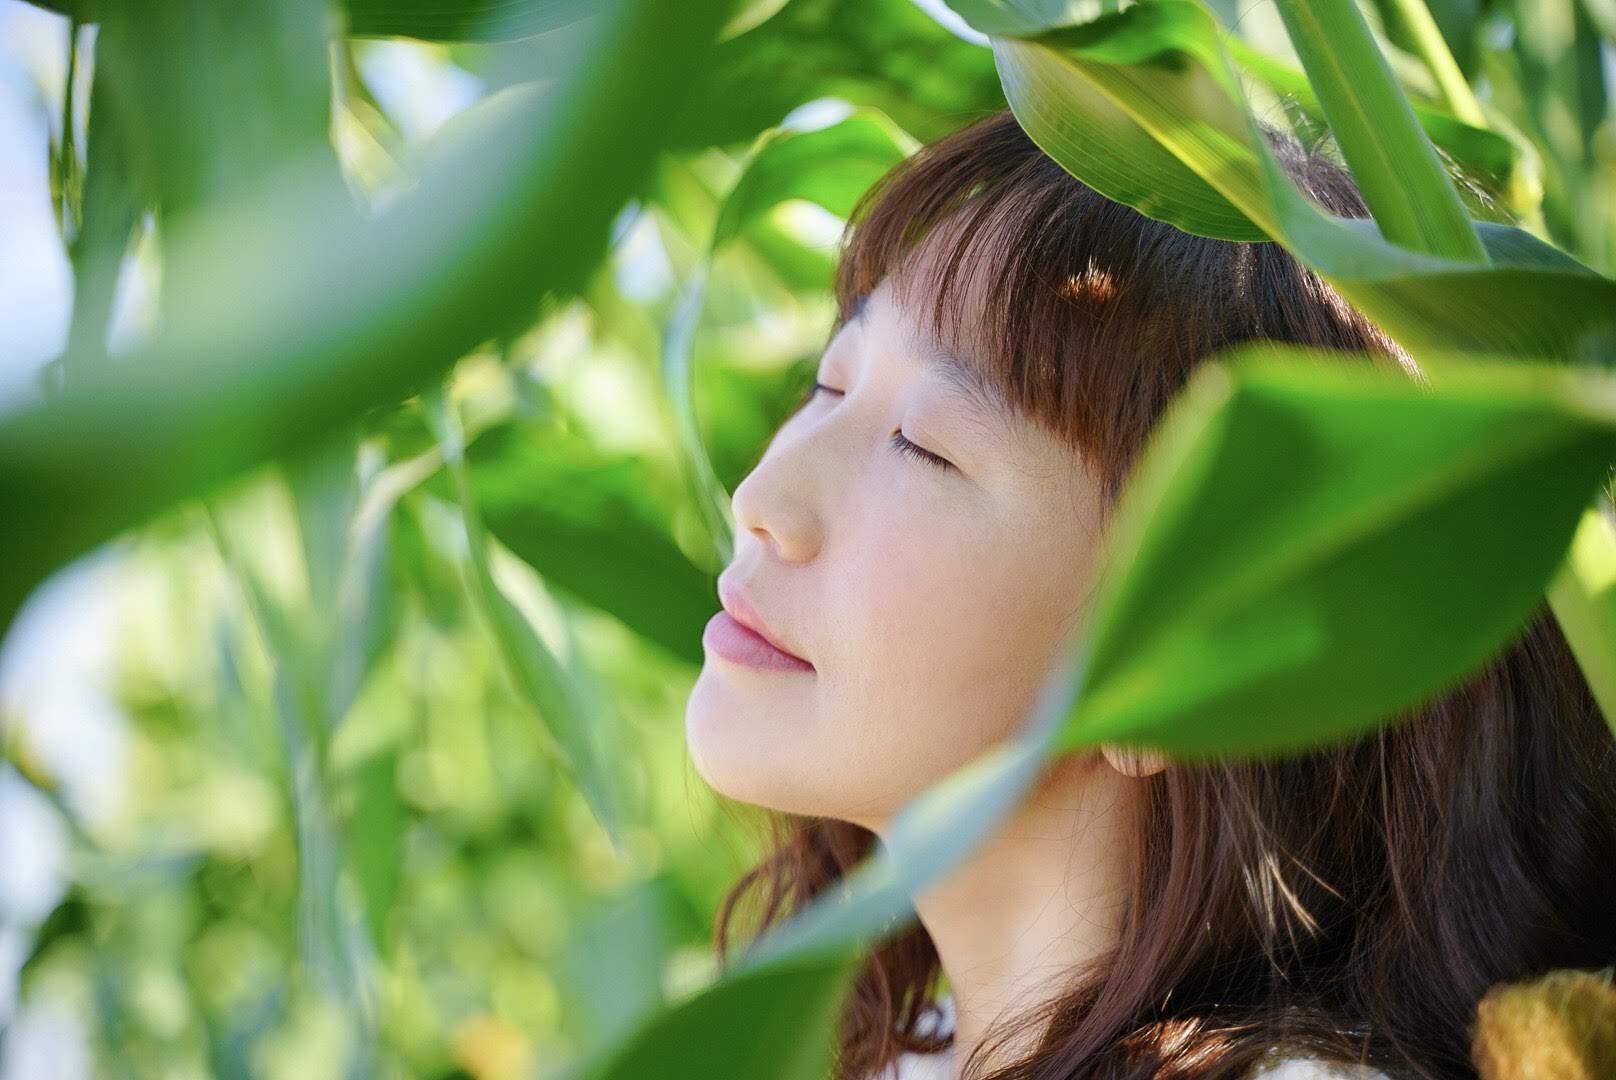 【開箱】Plantur 39 植物與咖啡因洗髮露 天天呵護染燙受損髮質(推薦脆弱髮質與40歲以上女性族群使用)